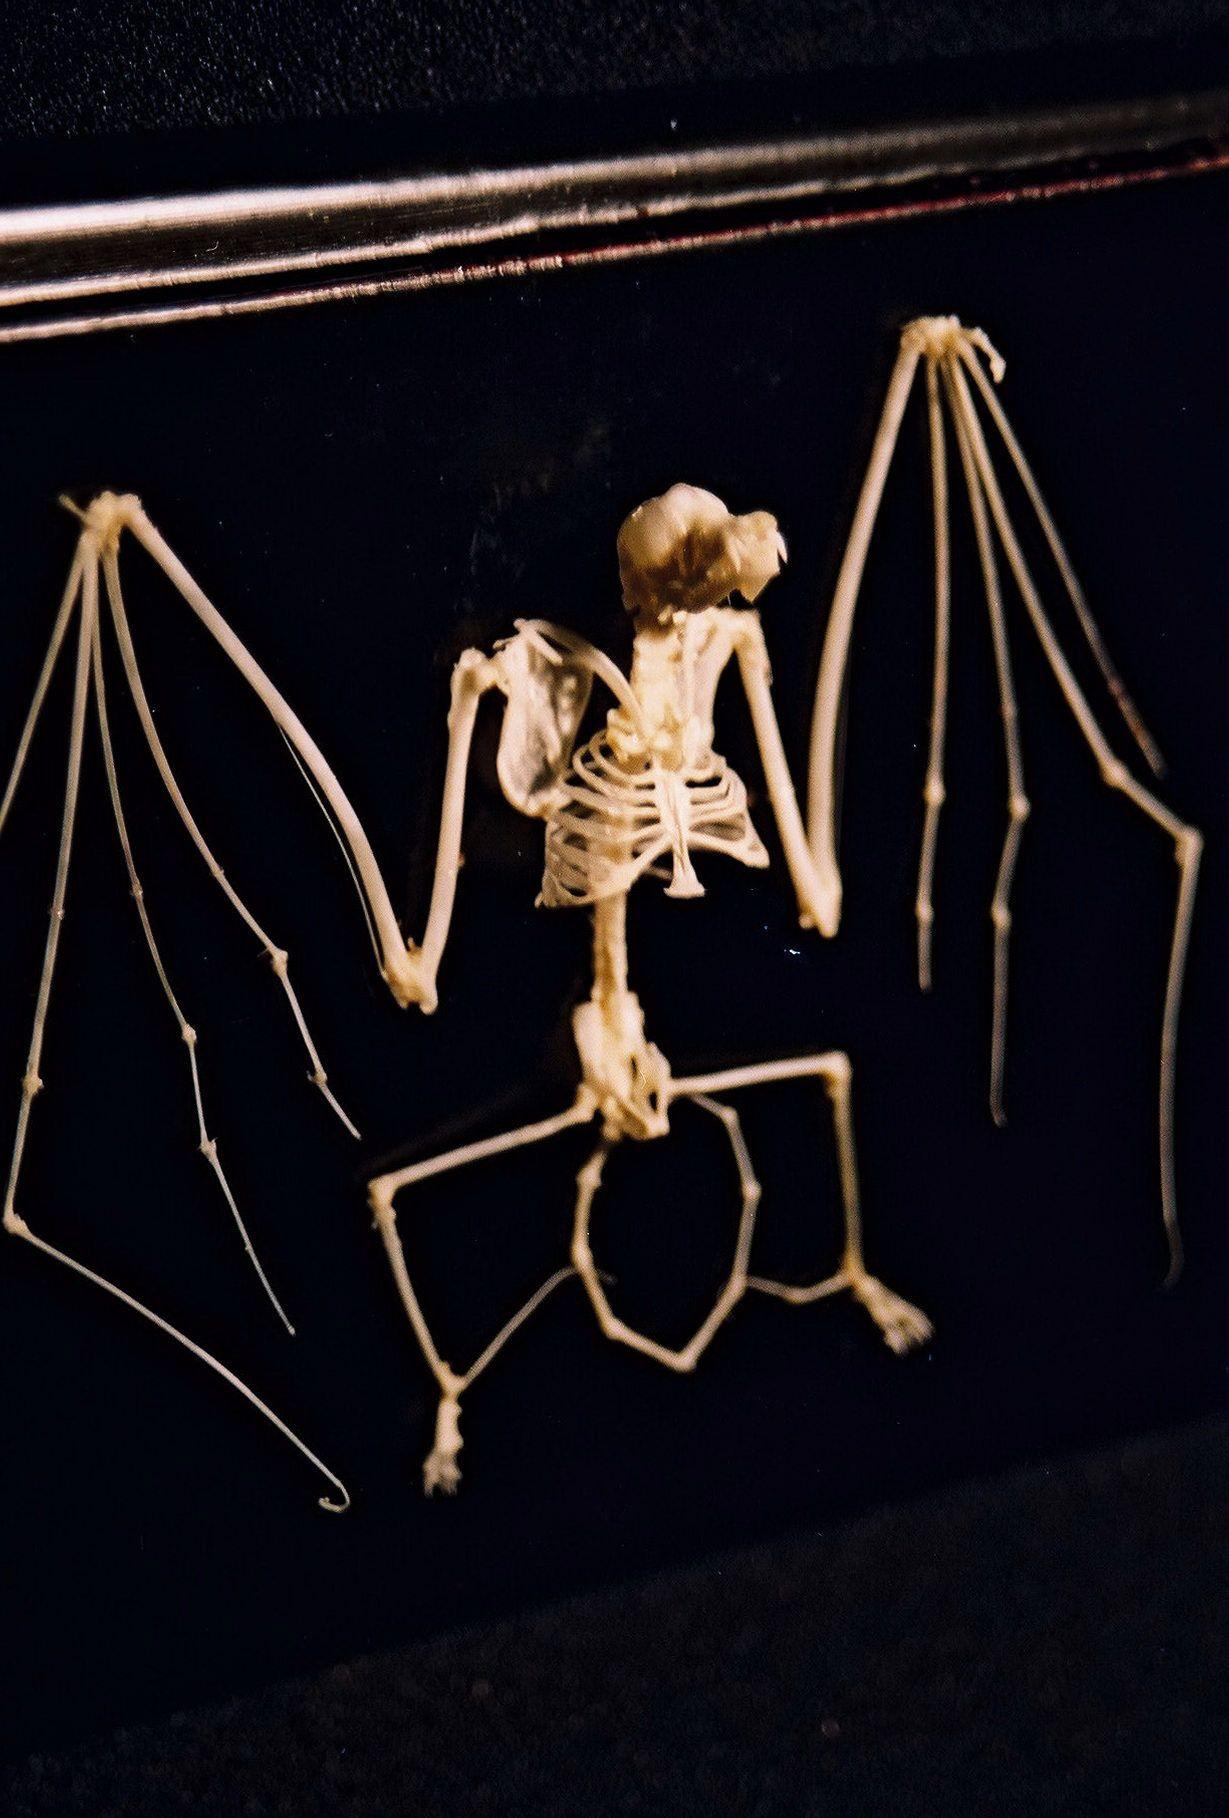 Bat wing skeleton - photo#53